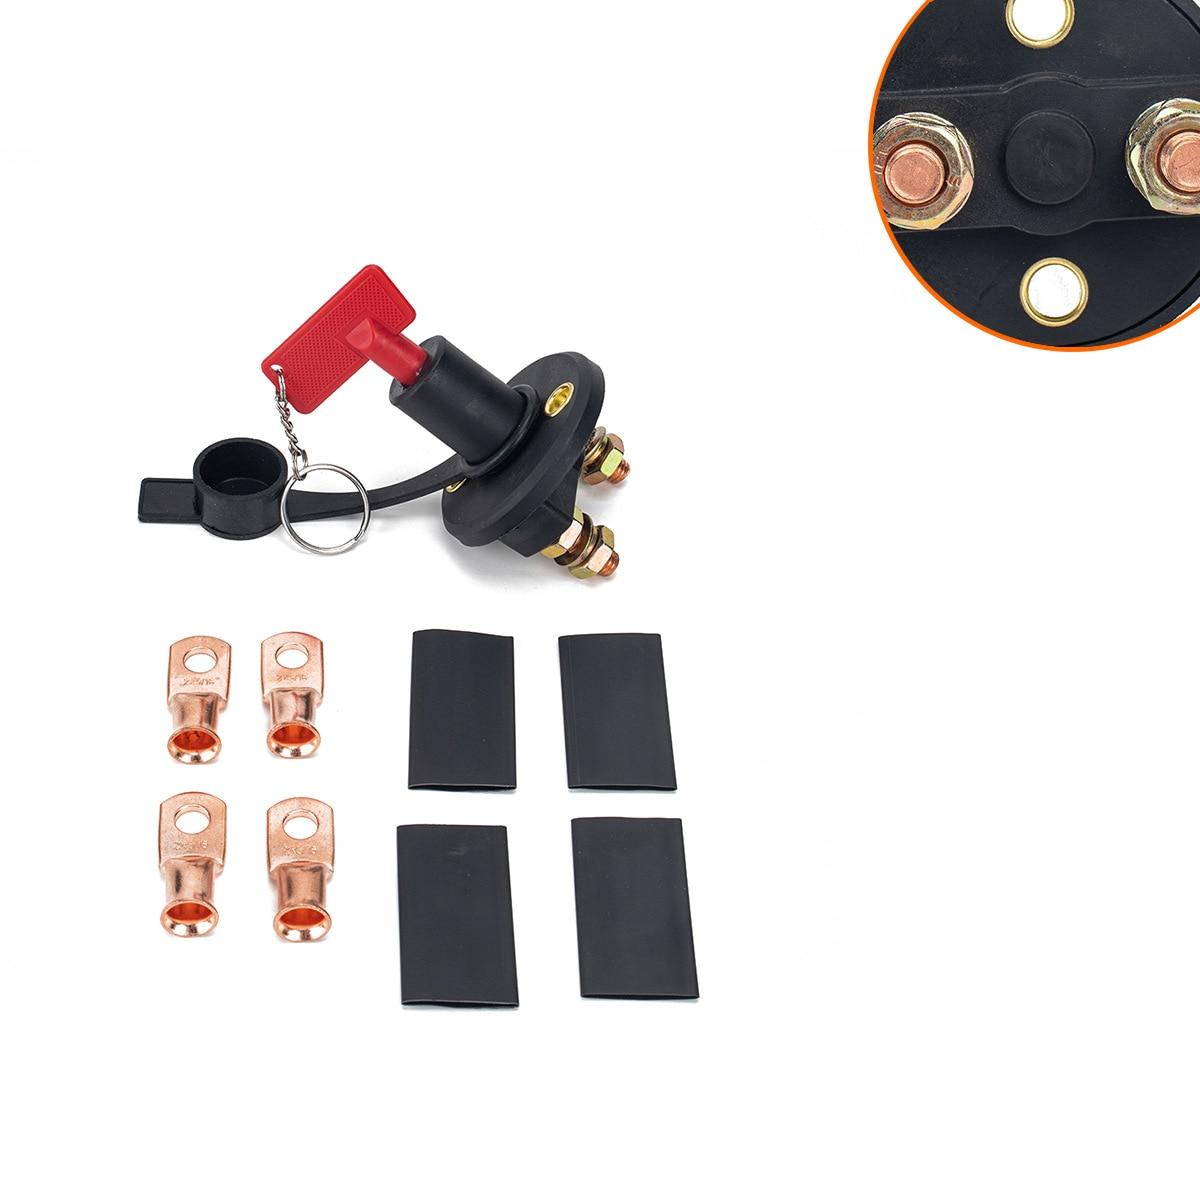 Модификация автомобиля А главный переключатель источника питания RV Кнопка защиты от утечки Тип блока питания переключатель защиты